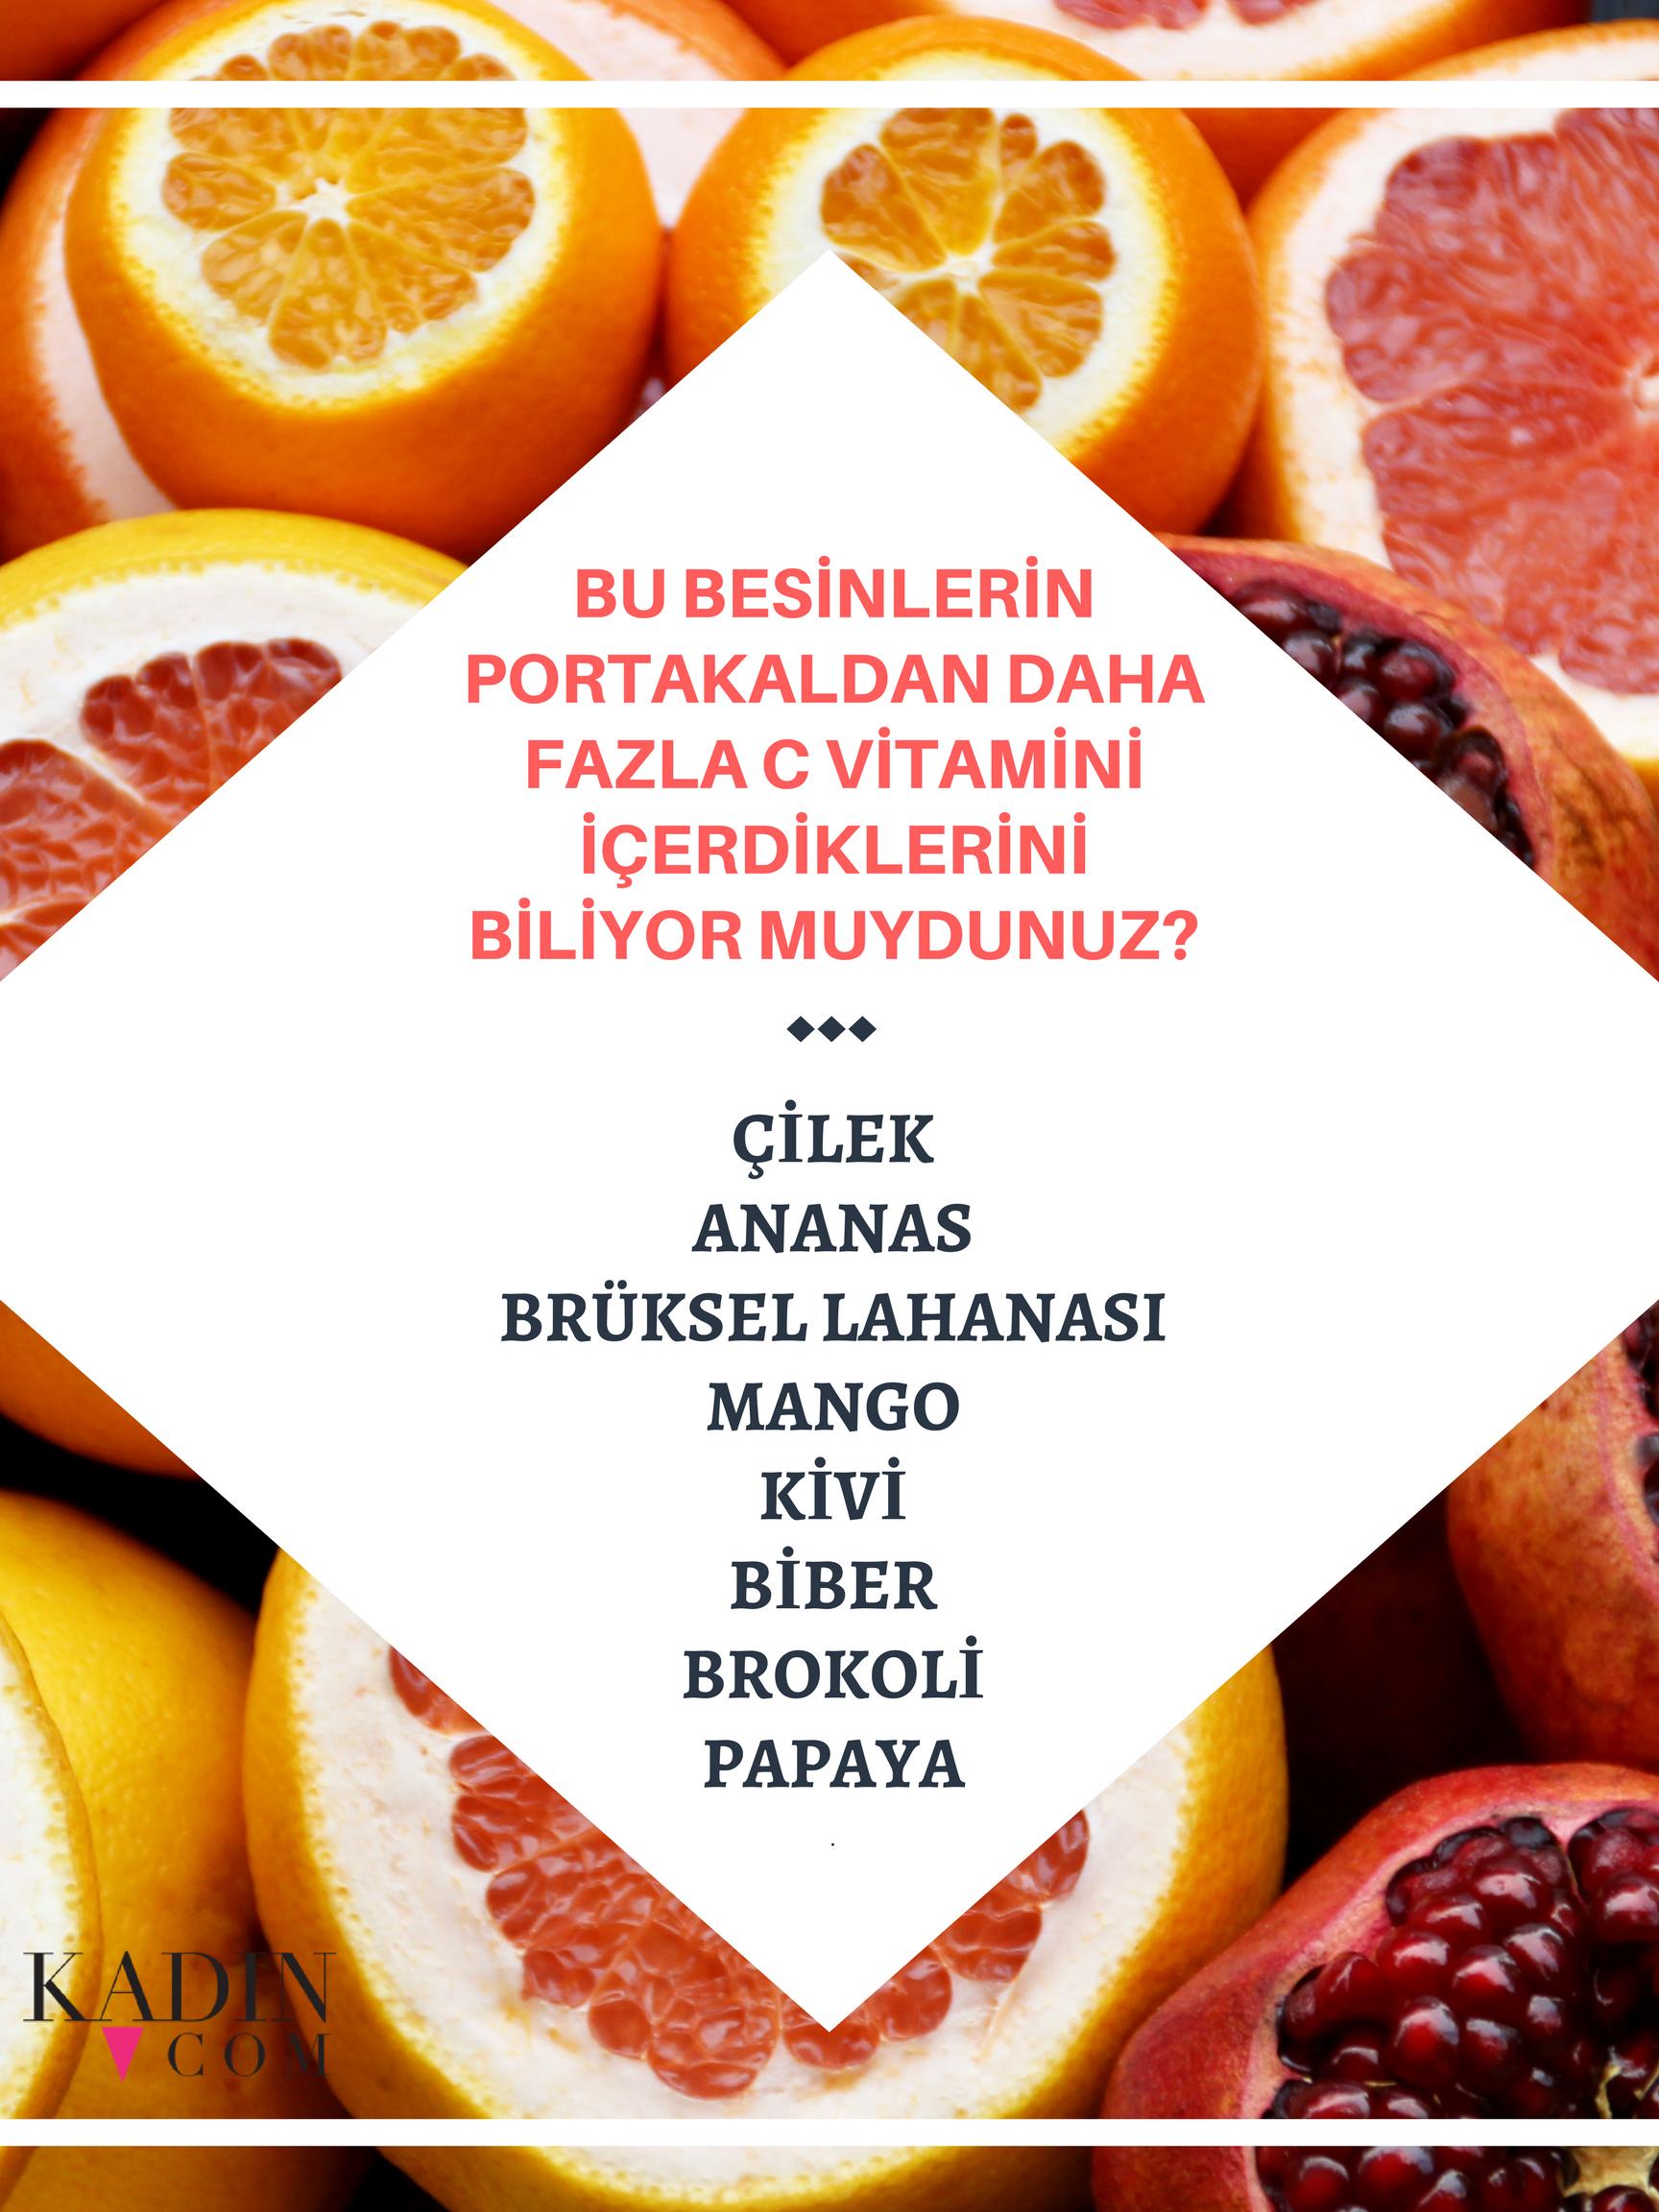 B12 Vitamini İçeren Besinler Yiyecekler Nelerdir